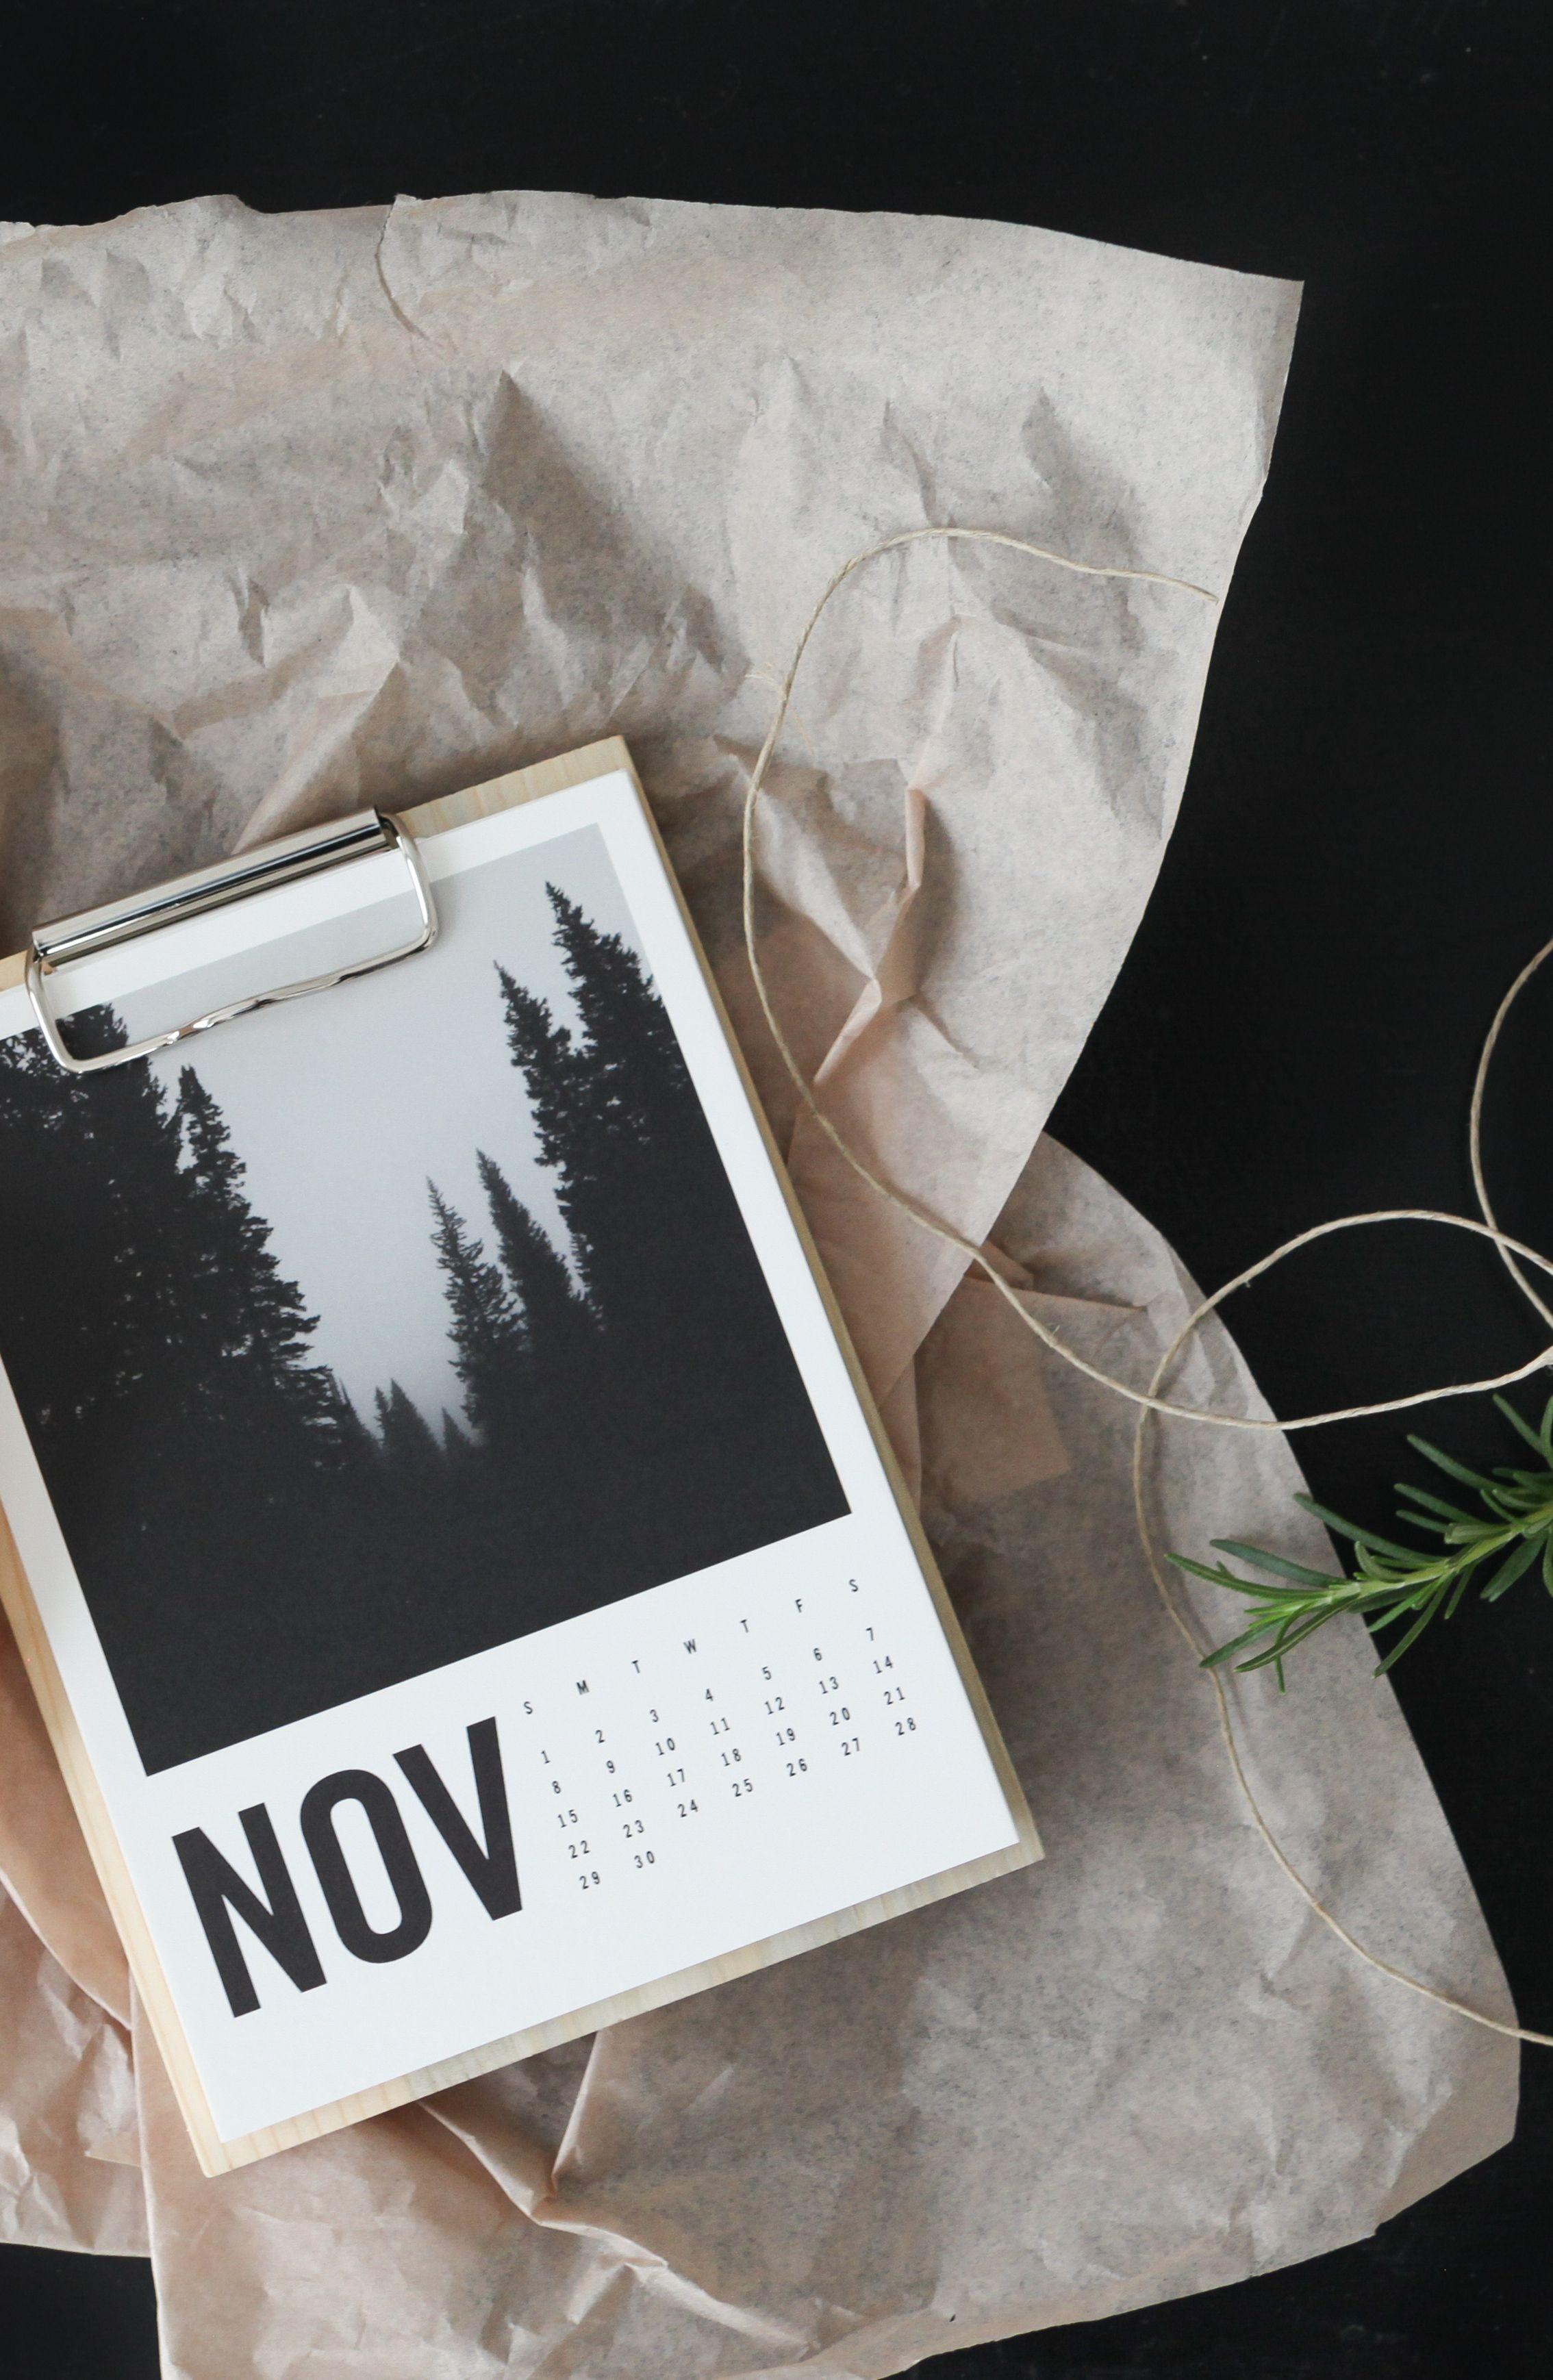 Calendario Imprimir Minimalista Más Caliente Wood Calendar Of Calendario Imprimir Minimalista Más Caliente July Wallpaper Calendar & Quote Tarjetas Pinterest